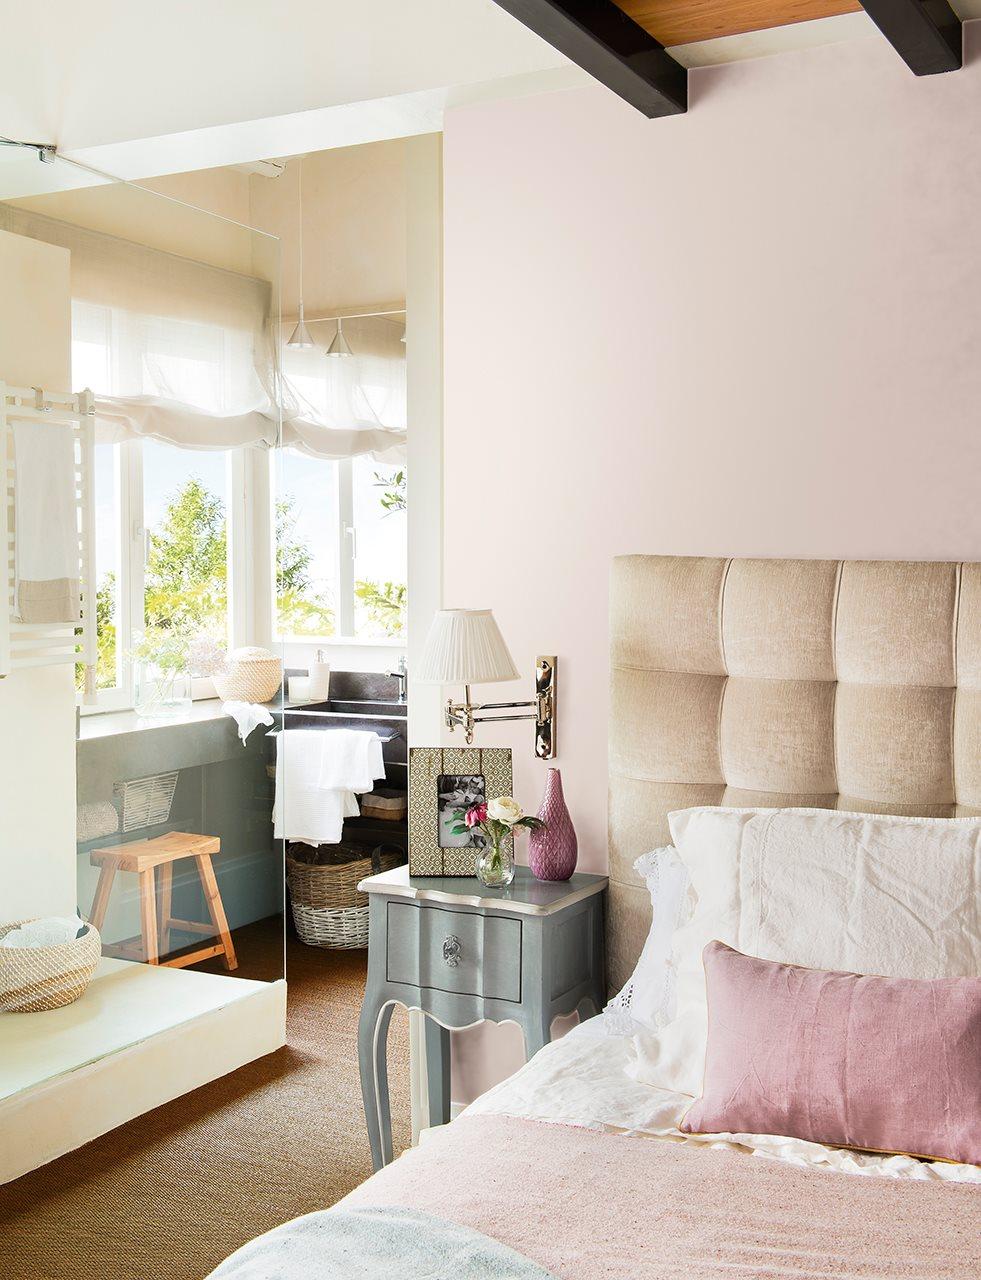 Baños Dormitorio Principal:Dormitorio principal